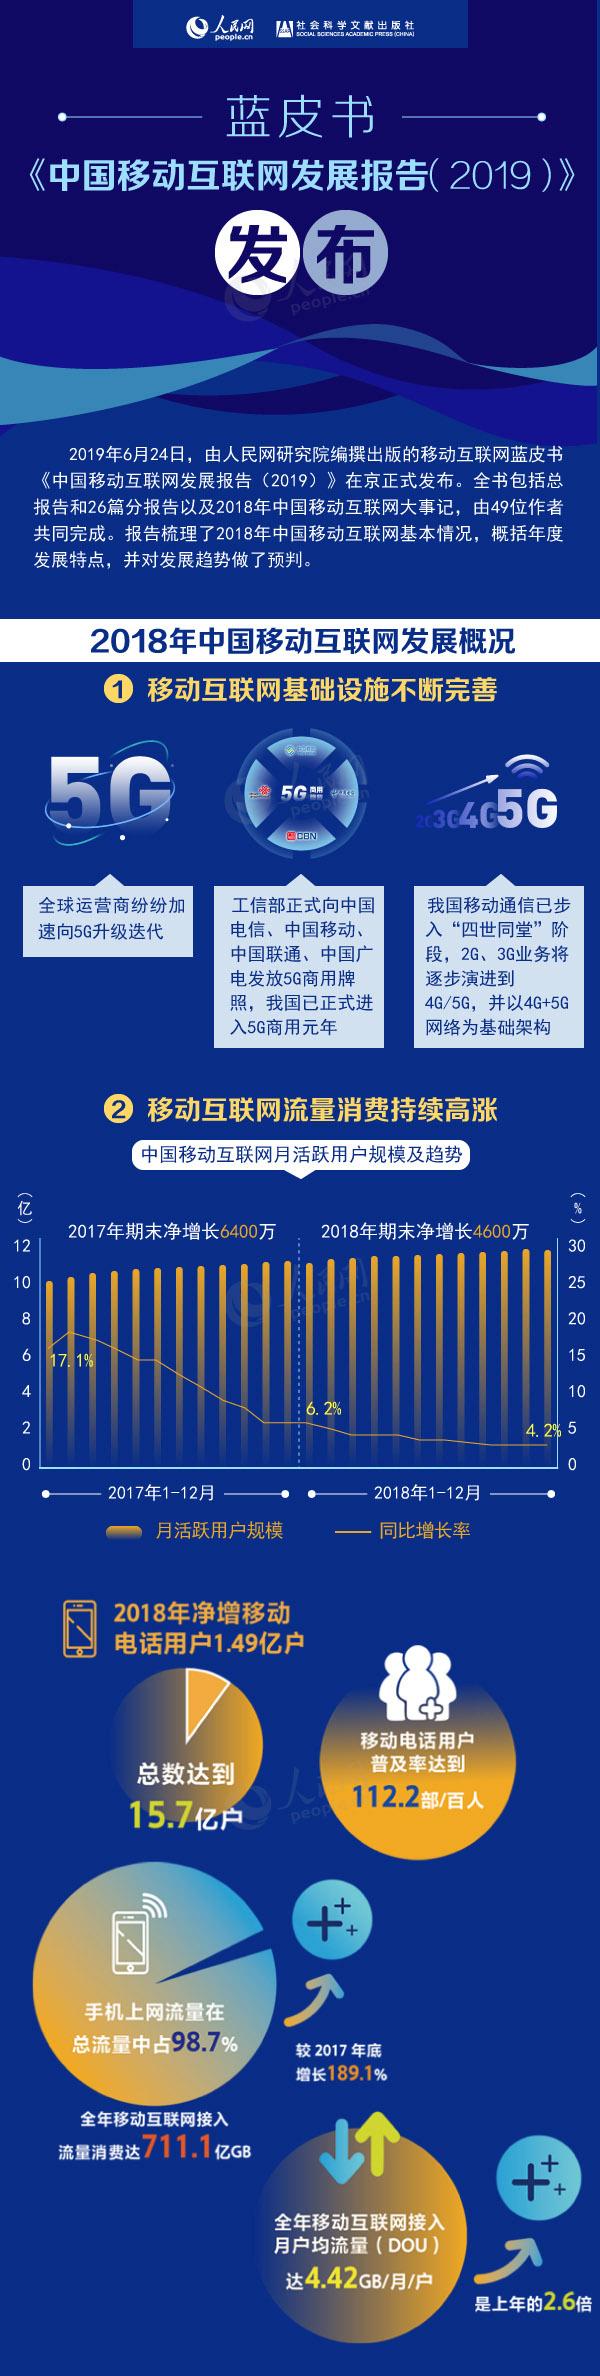 图解:《中国?#36139;?#20114;联网发展报告(2019)》发布